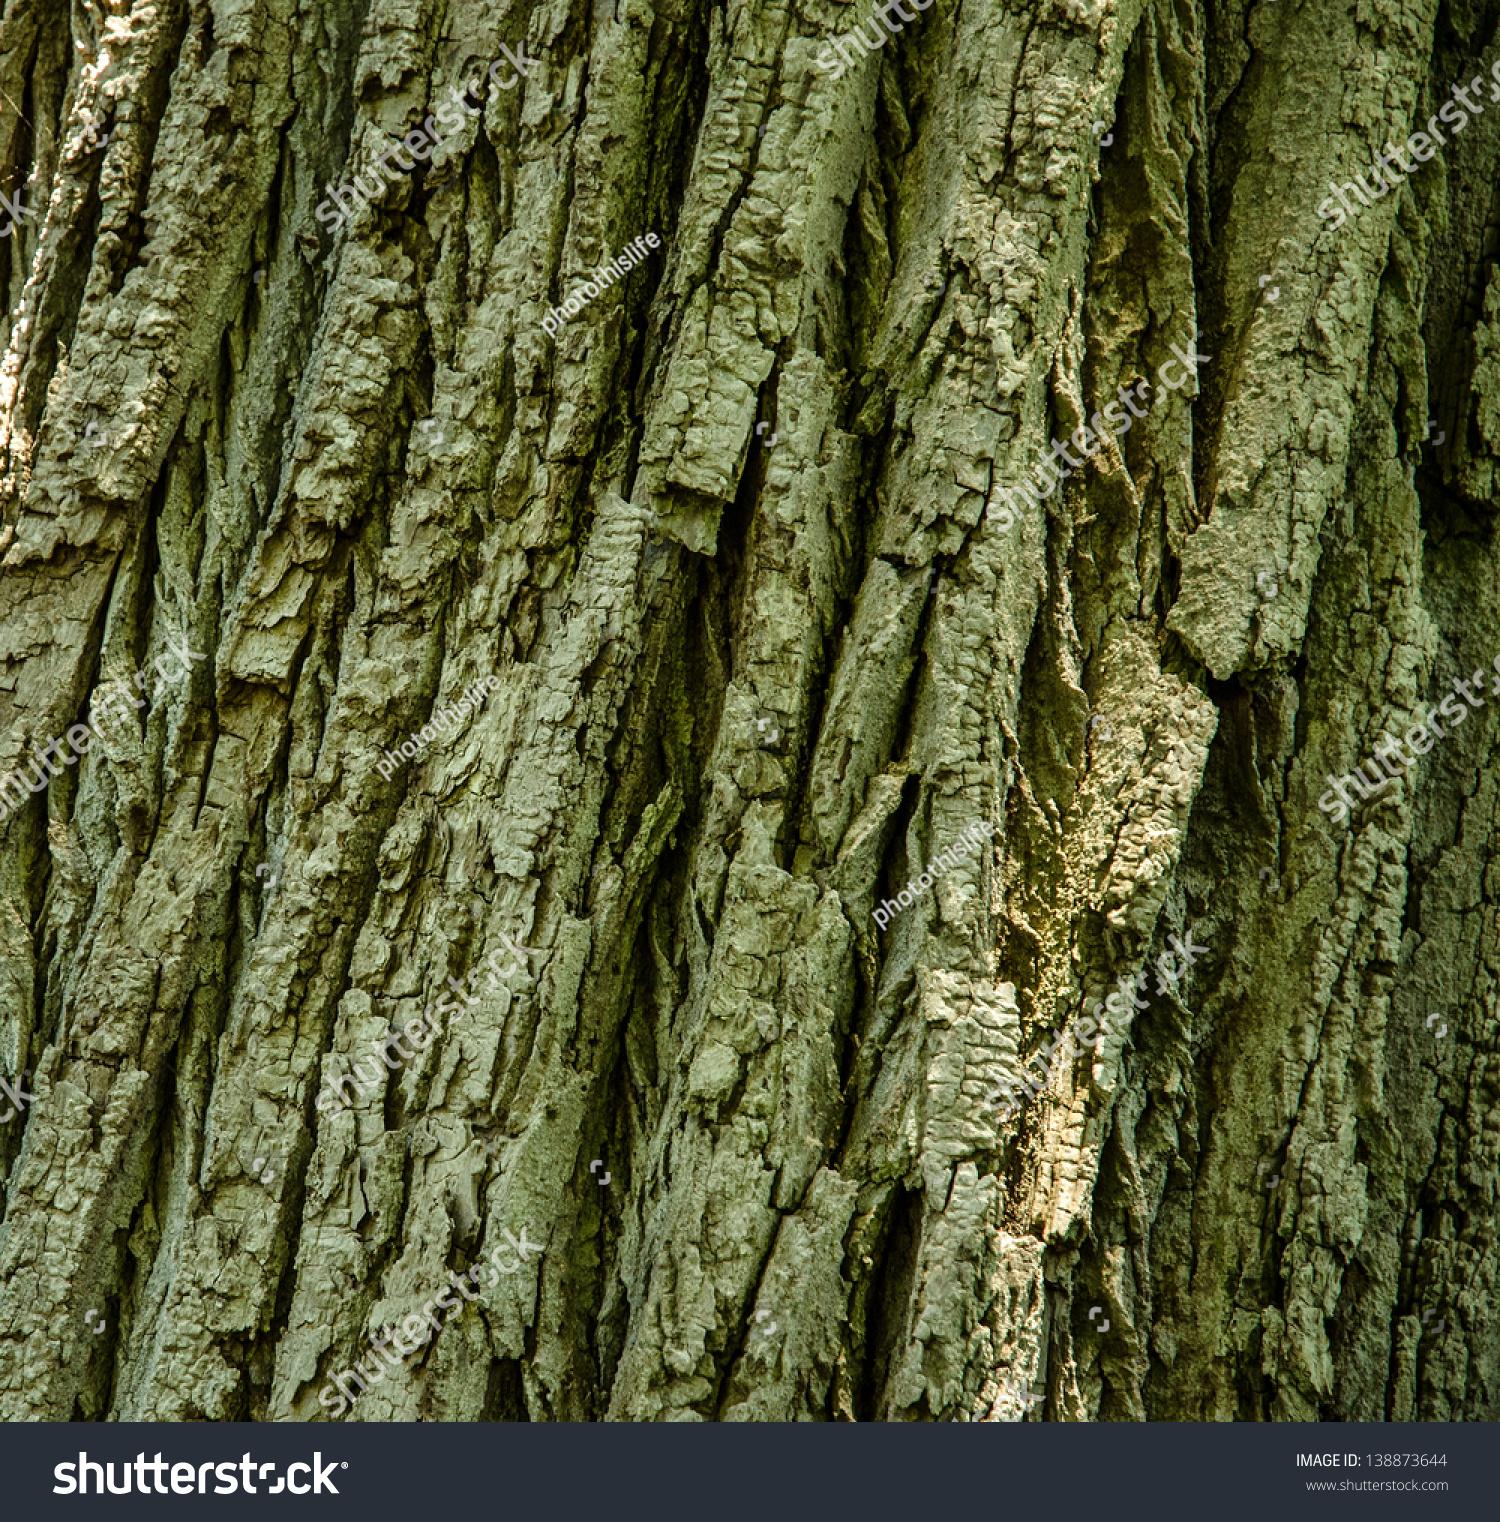 Close Maple Tree Bark Stock Photo (Royalty Free) 138873644 ...